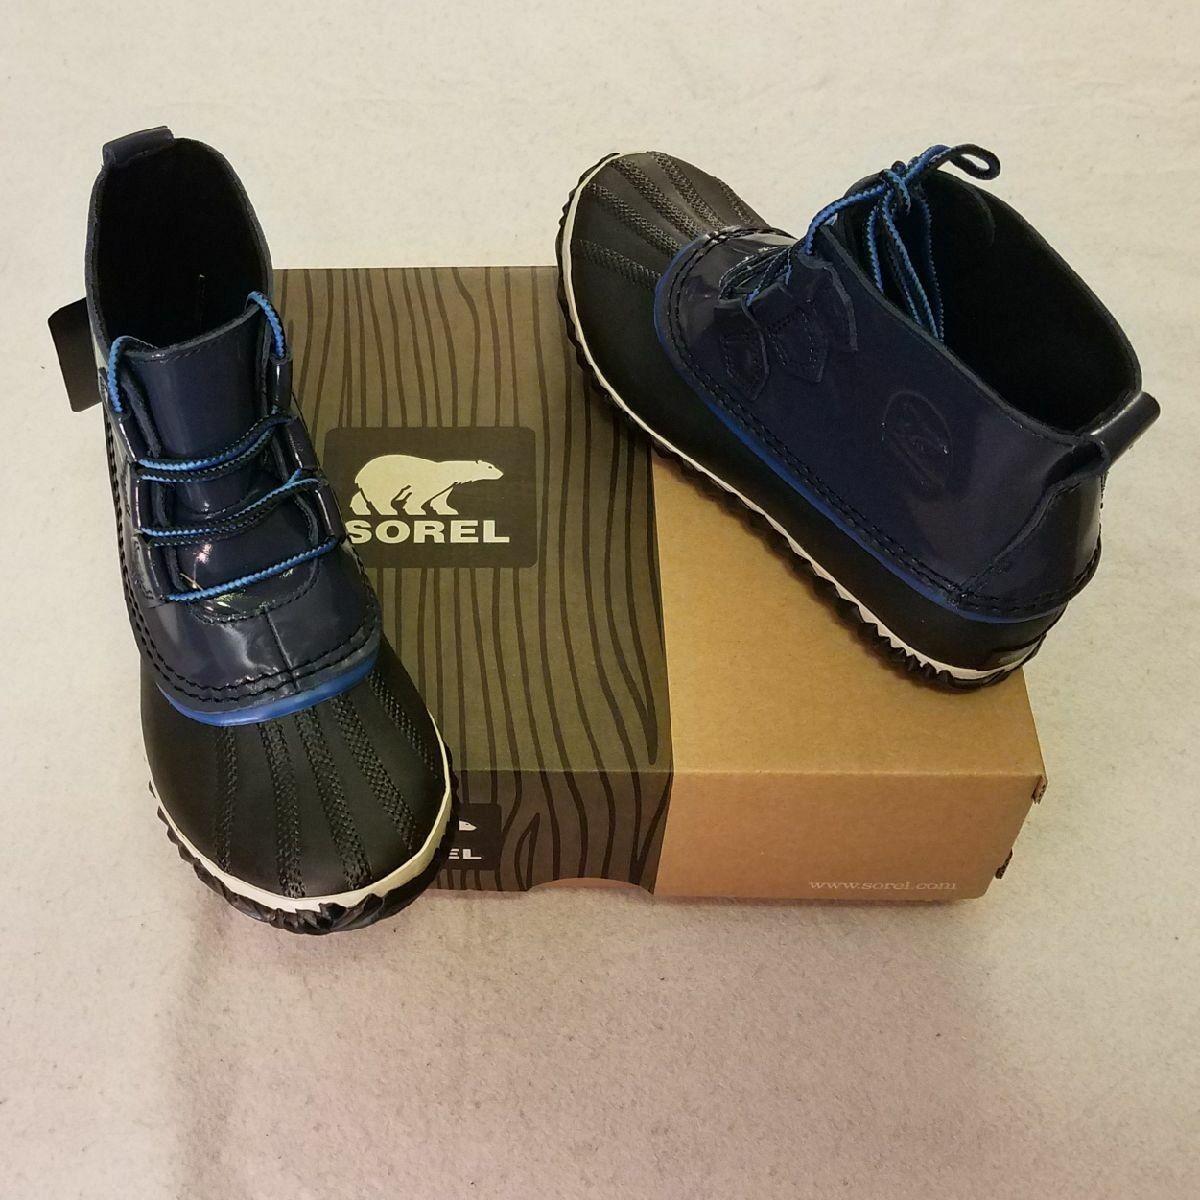 Sorel Damenschuhe Rain Stiefel 6.5 Blau Out N About Nocturnal NEU in Box #NL2511-591